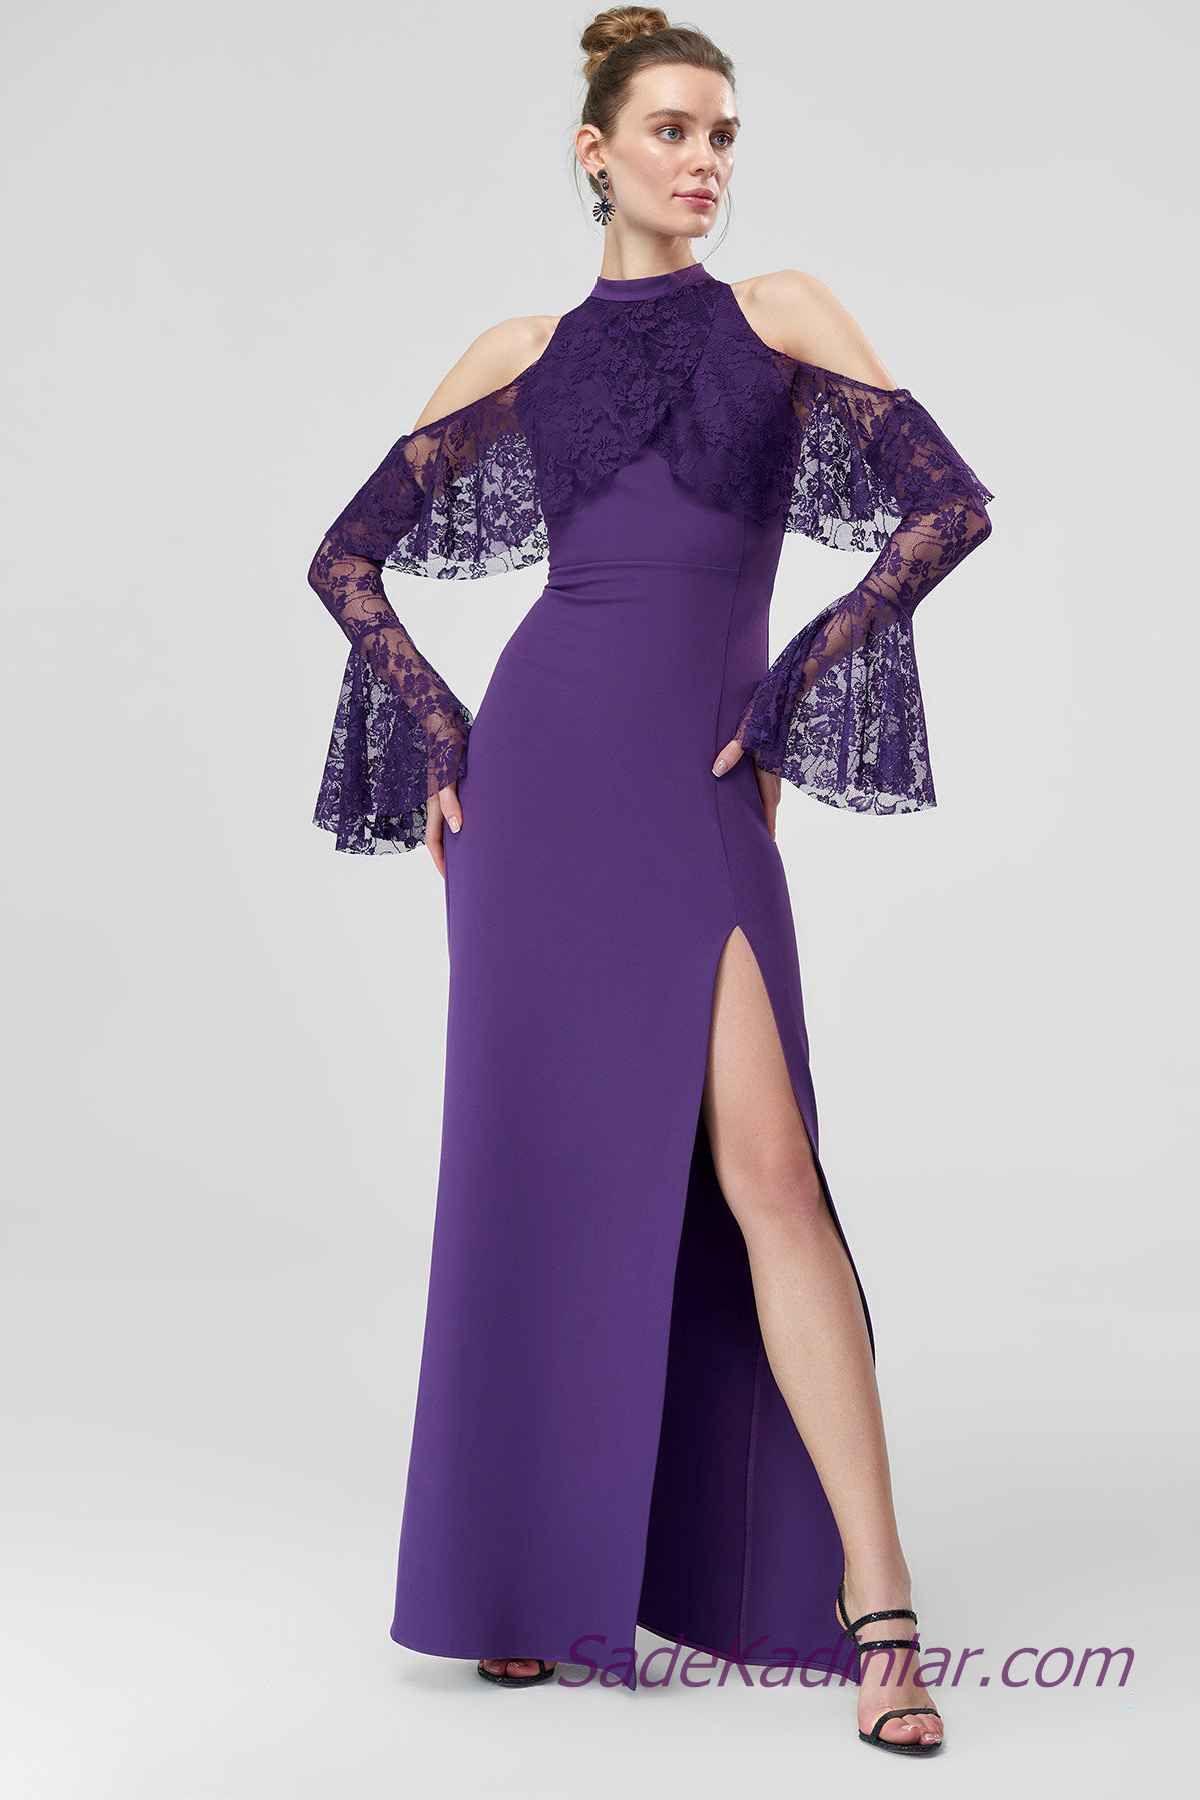 2021 Abiye Elbise Modelleri Mor Uzun Omuzlar Acik Yakali Gupur Dantelli Yirtmacli Elbise Elbise Modelleri Balo Elbisesi